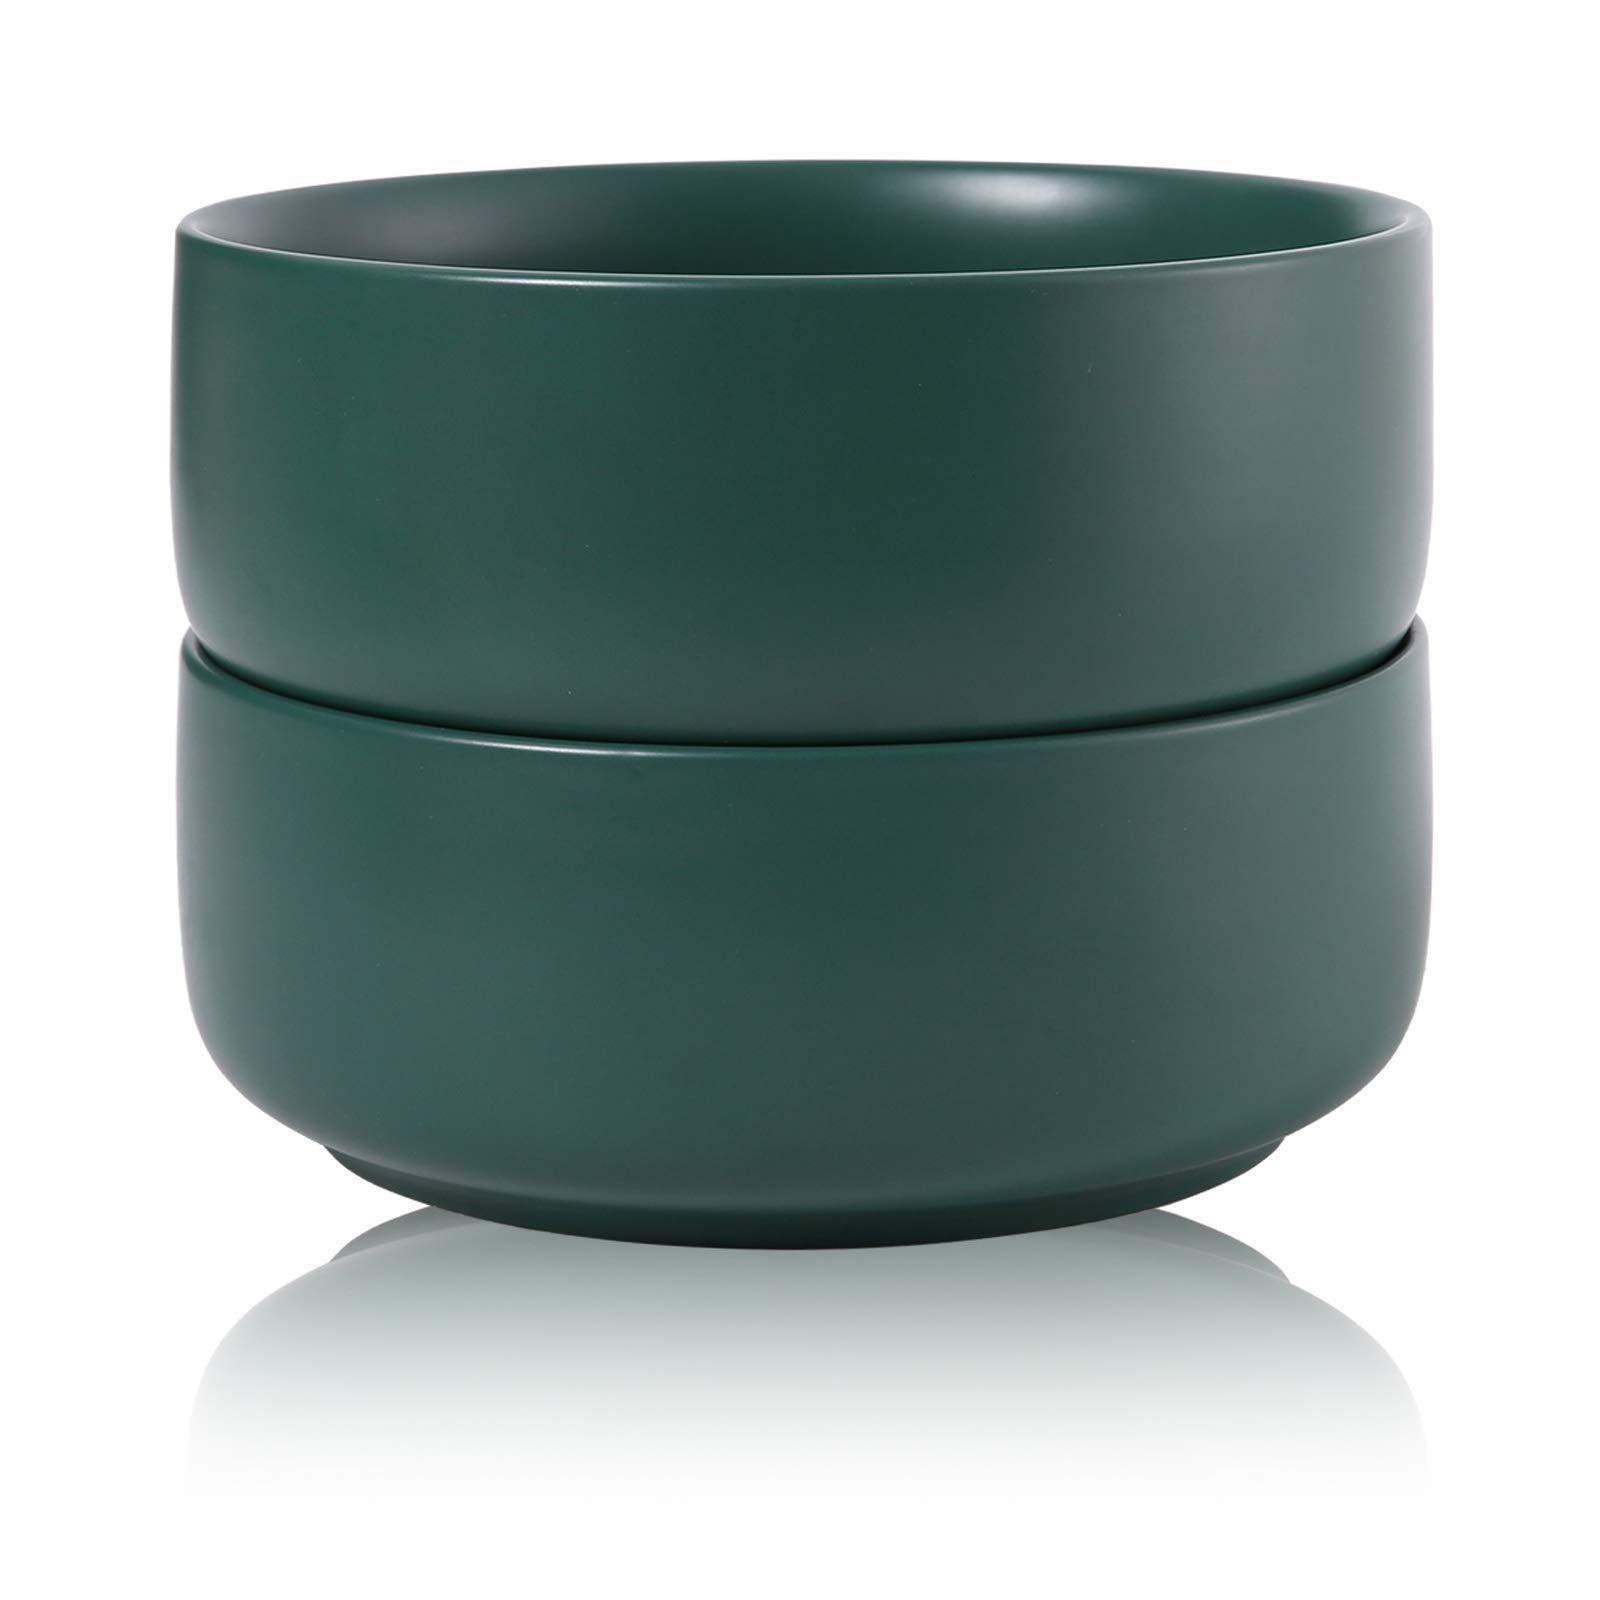 Hompiks Salad Bowl Salad Cereal Bowls Porcelain Bowl Set for Kitchen Soup Cereal 38 oz Dishwasher and Microwave Safe Dark Green